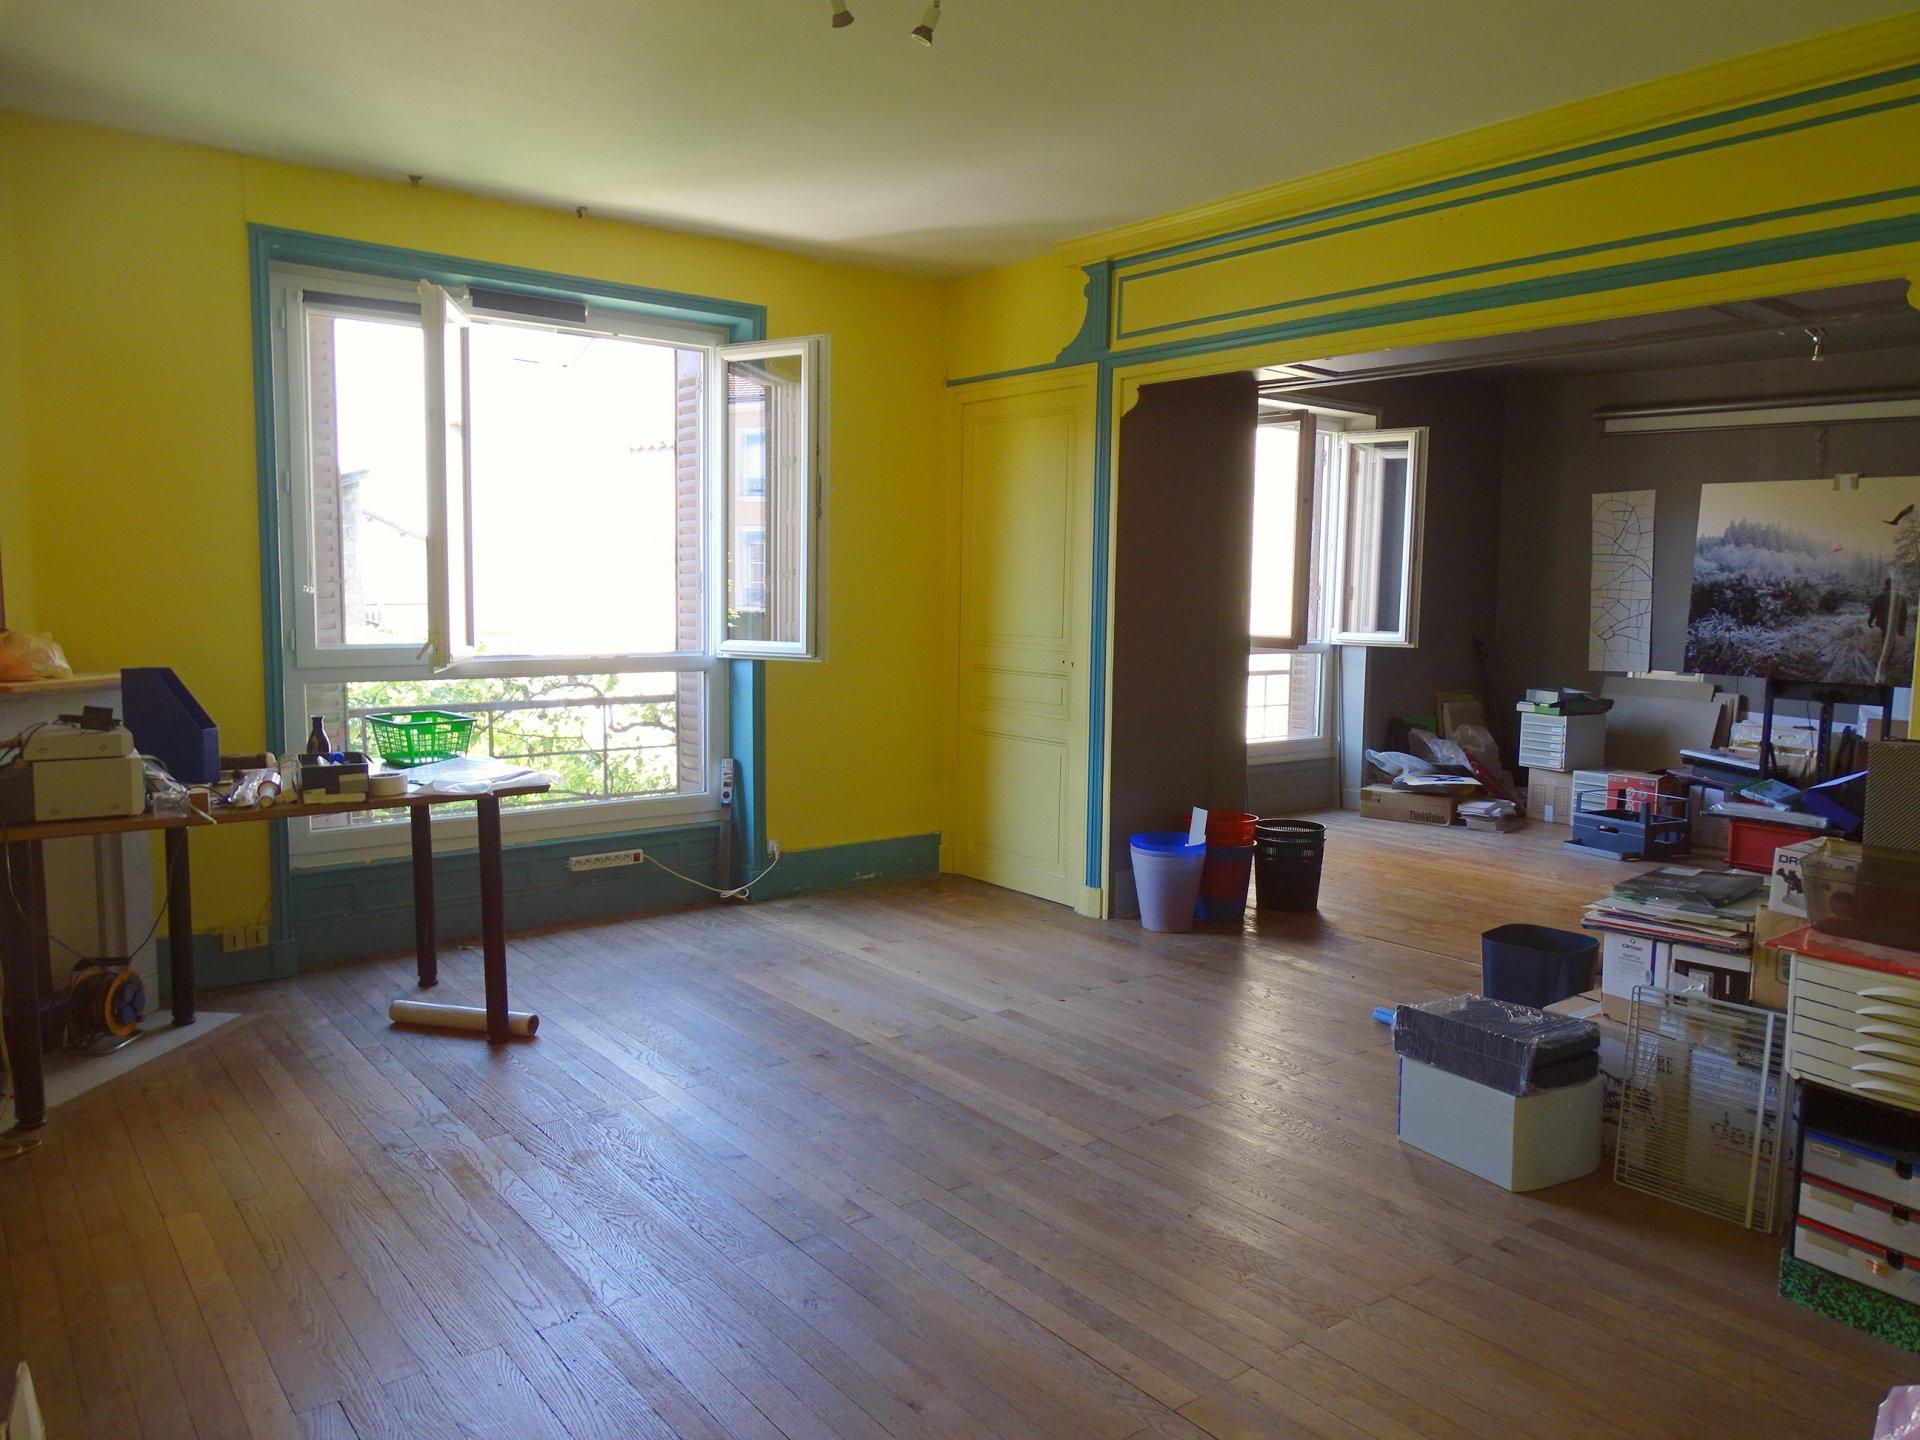 Au centre ville de Mâcon, à 7 mn à pied de la gare tout en étant au calme, venez découvrir un produit de charme au sein d'une petite copropriété composée de 3 logements.  L'appartement se compose d'une grande pièce de vie de 45 m² avec espace salon - salle à manger - cuisine, de trois grandes chambres, de deux petits bureaux accolés, d'un bel espace travail de 43 m² et d'une grande salle de bains.   L'ensemble de 190 m² est à personnaliser selon vos envies (deux entrées indépendantes pour division, possibilité de l'aménager pour un usage professionnel etc...) En rez-de-chaussée, il dispose en plus d'un grand garage et d'une pièce de rangement.  Deux caves et un jardin commun arboré (parcelle de 518 m²) complètent ce bien.  Vous serez séduits par le charme de ce bel appartement (hauteurs sous plafond, cheminées en marbre..), son potentiel et surtout son cadre privilégié ! Honoraires à la charge du vendeur.